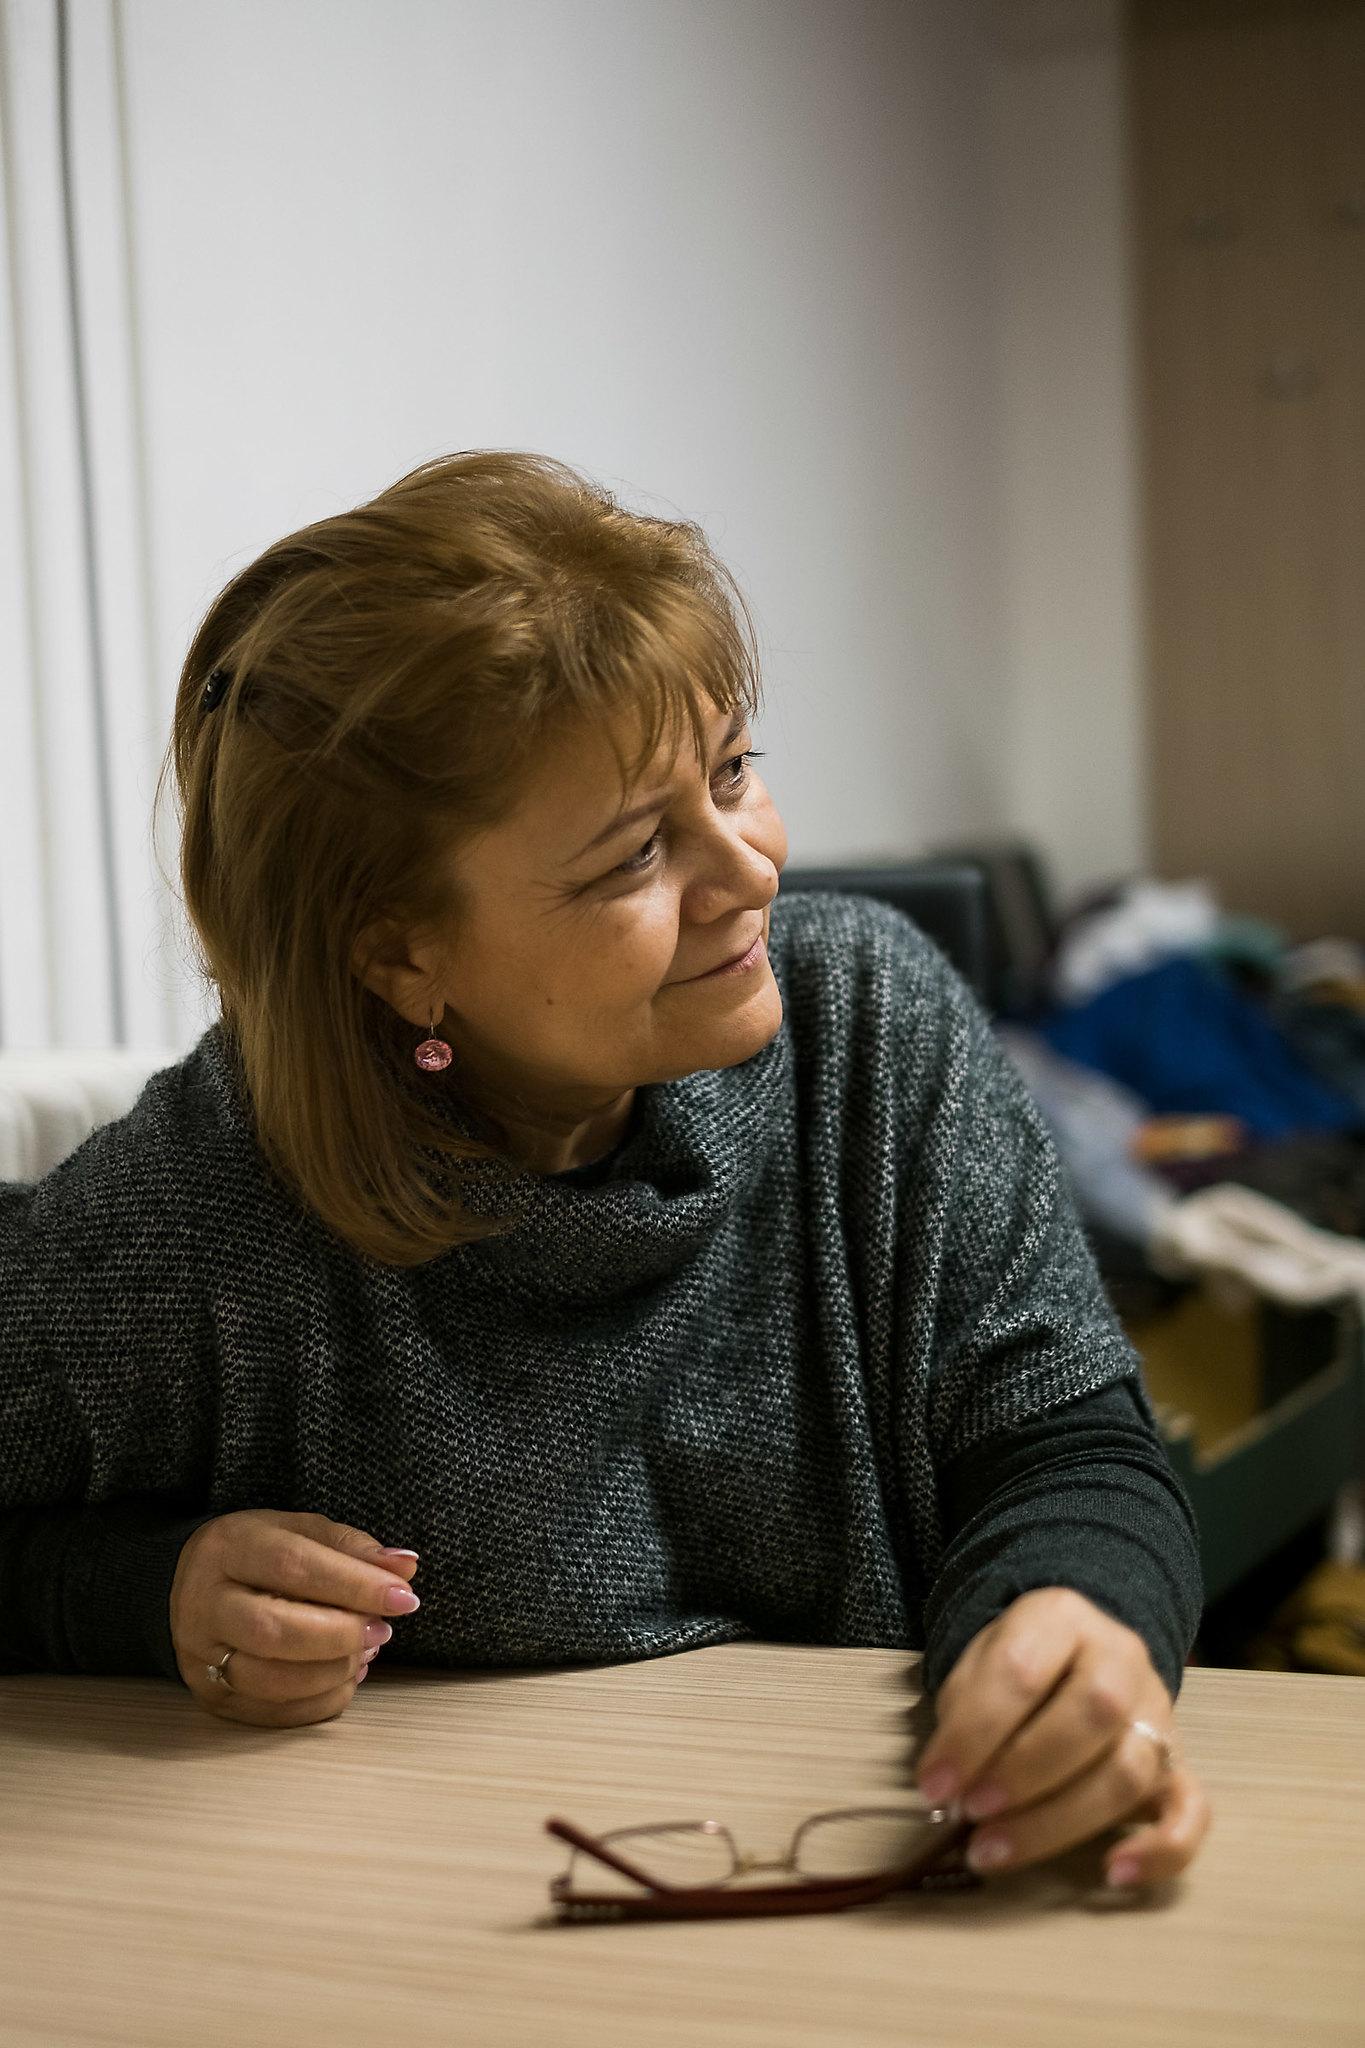 Várnai Anna Kóstolda Színes Gyöngyök Egyesület ételosztás lakásétterem Pécs